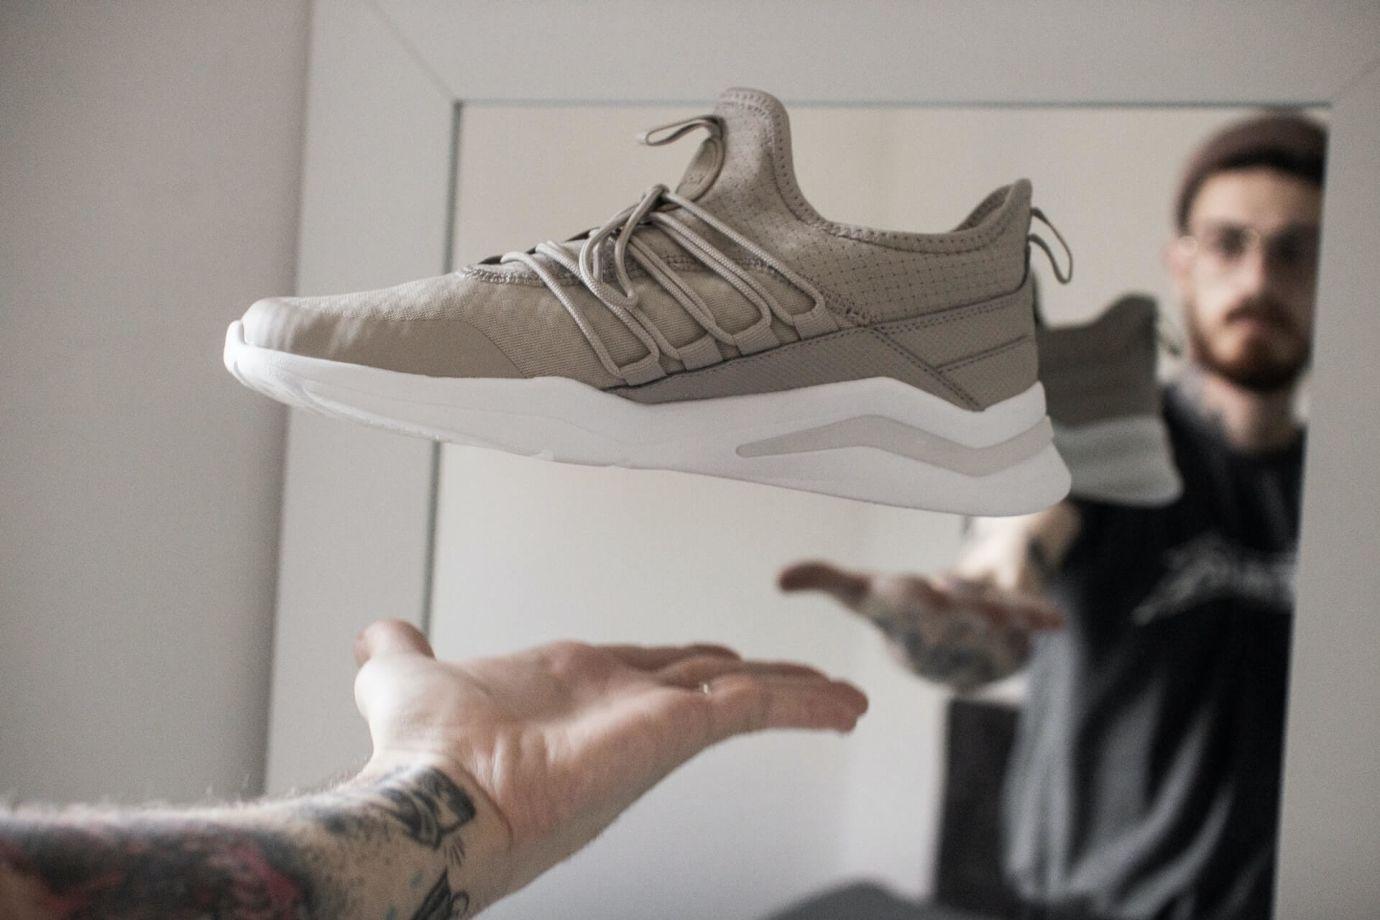 Mann hält beige-weiße Sneaker vor Spiegel